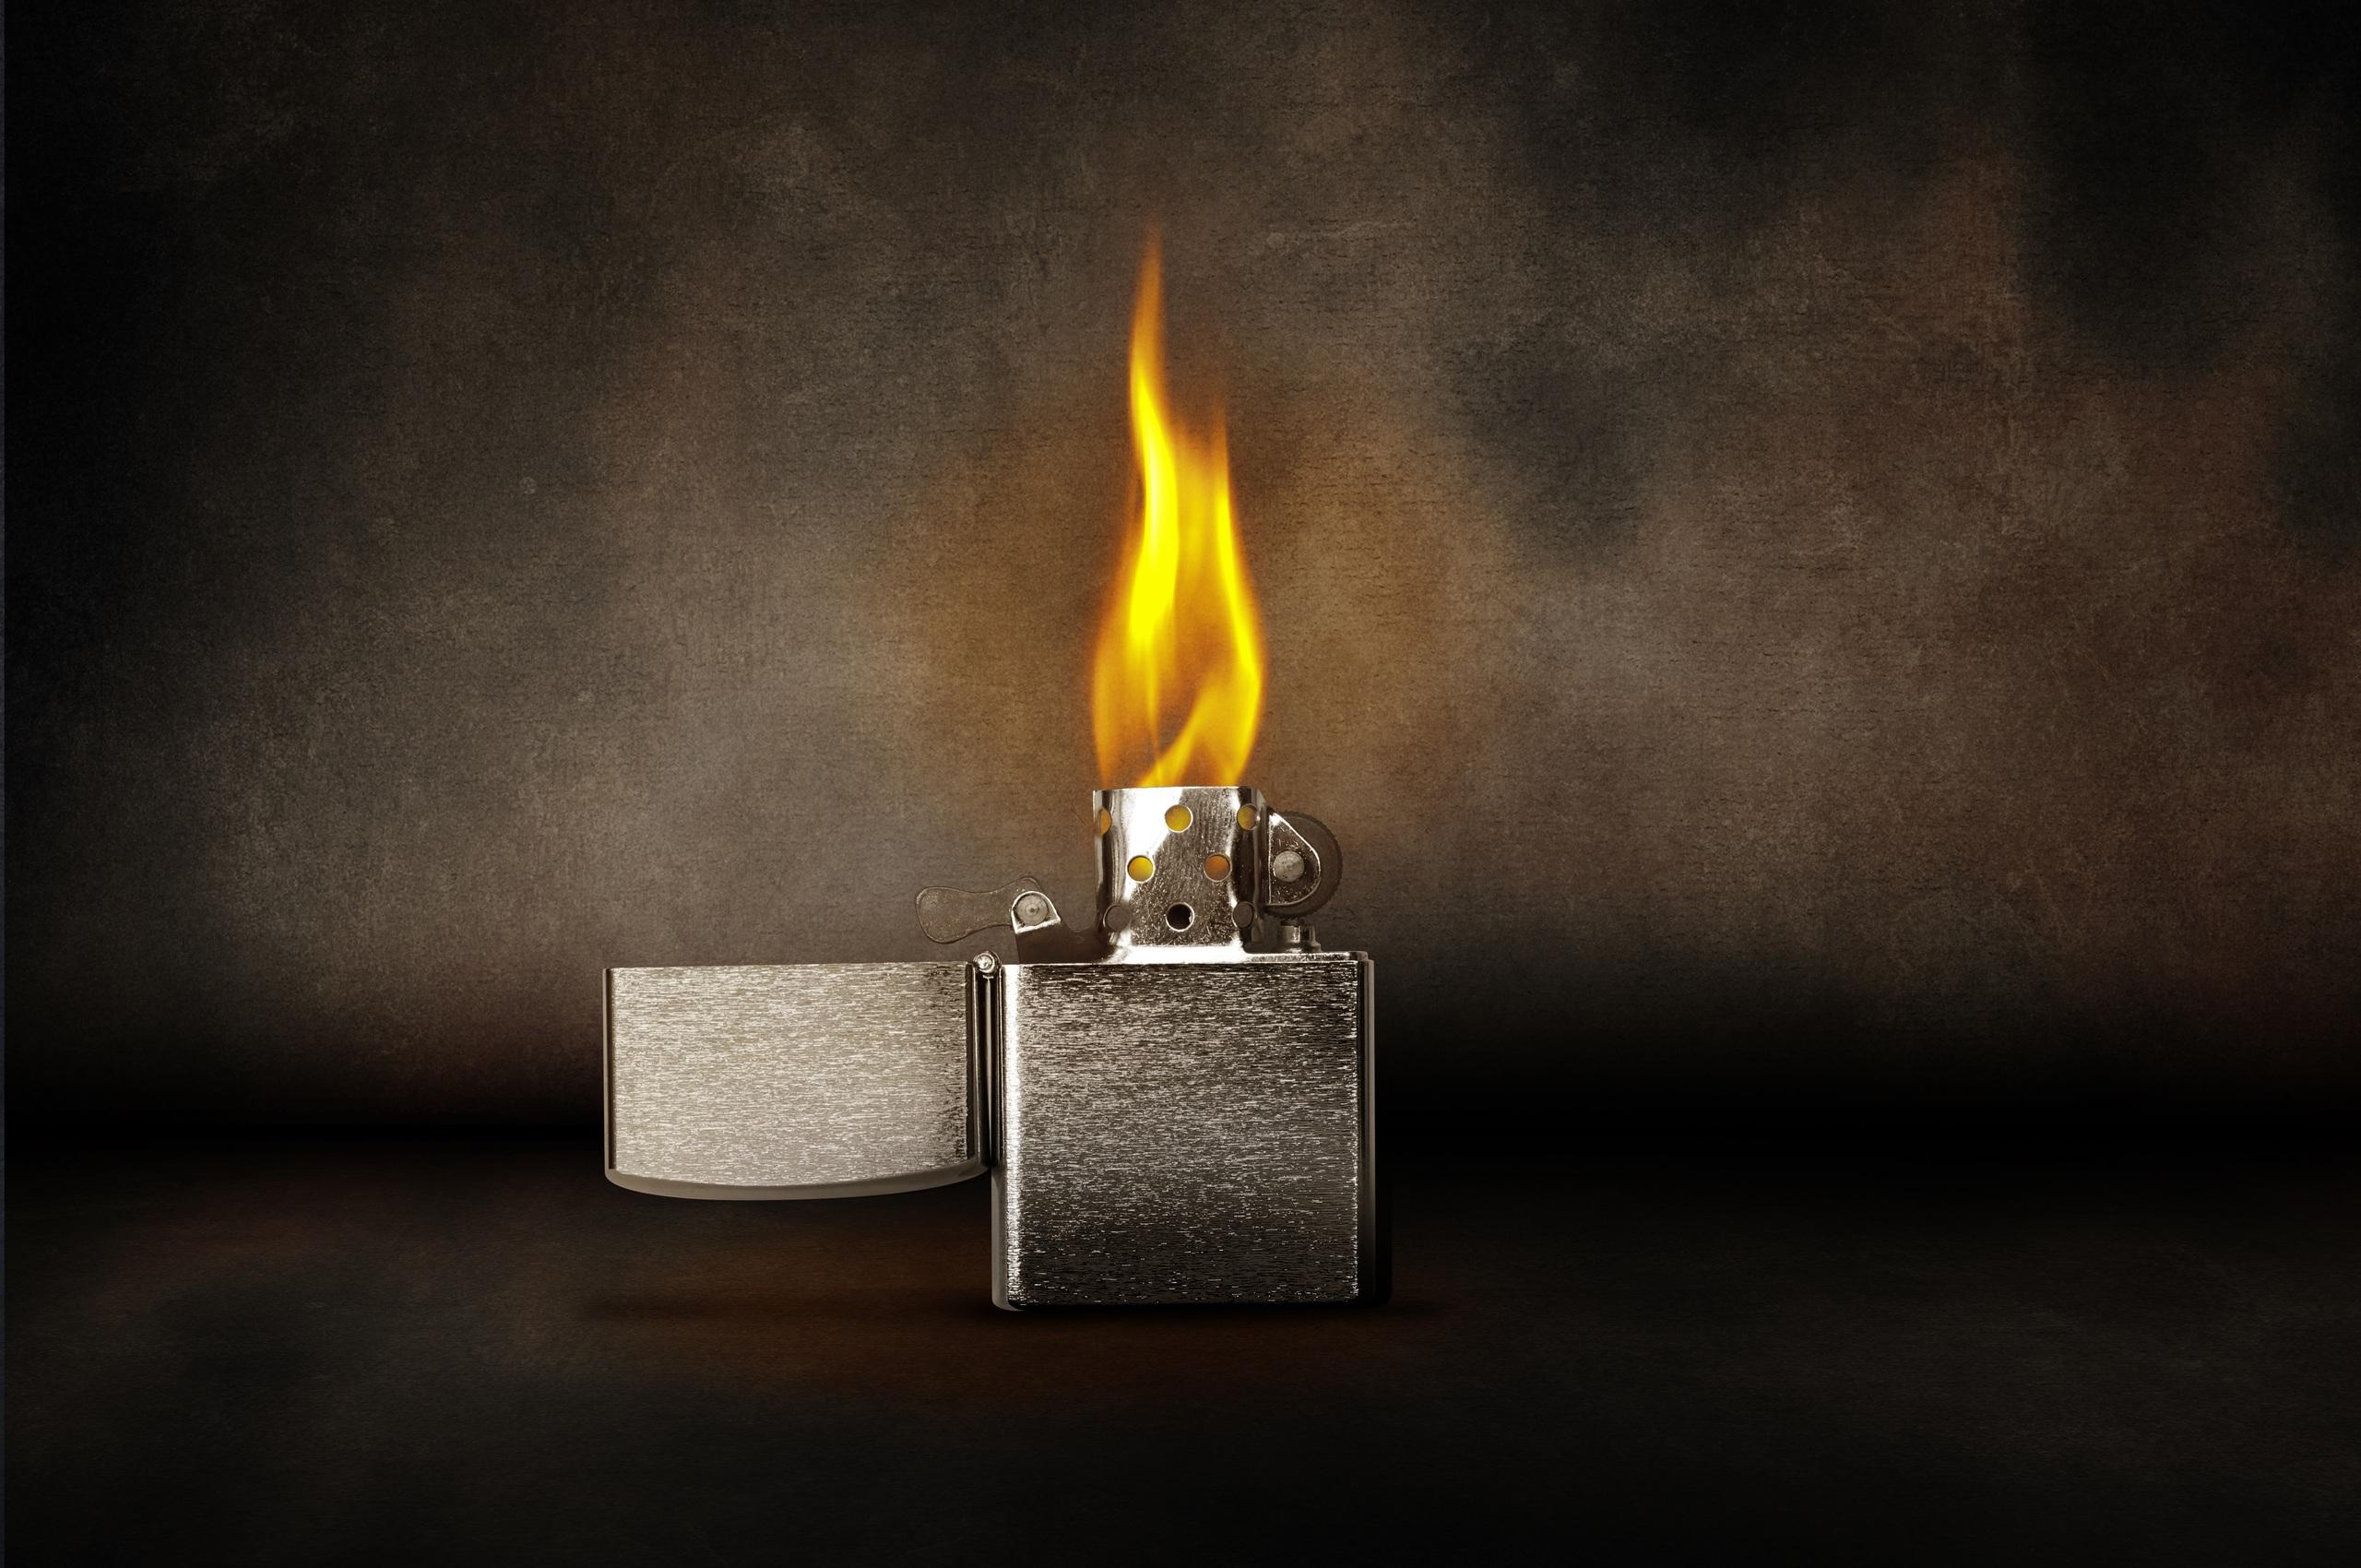 Lighter Flame Burning 6f